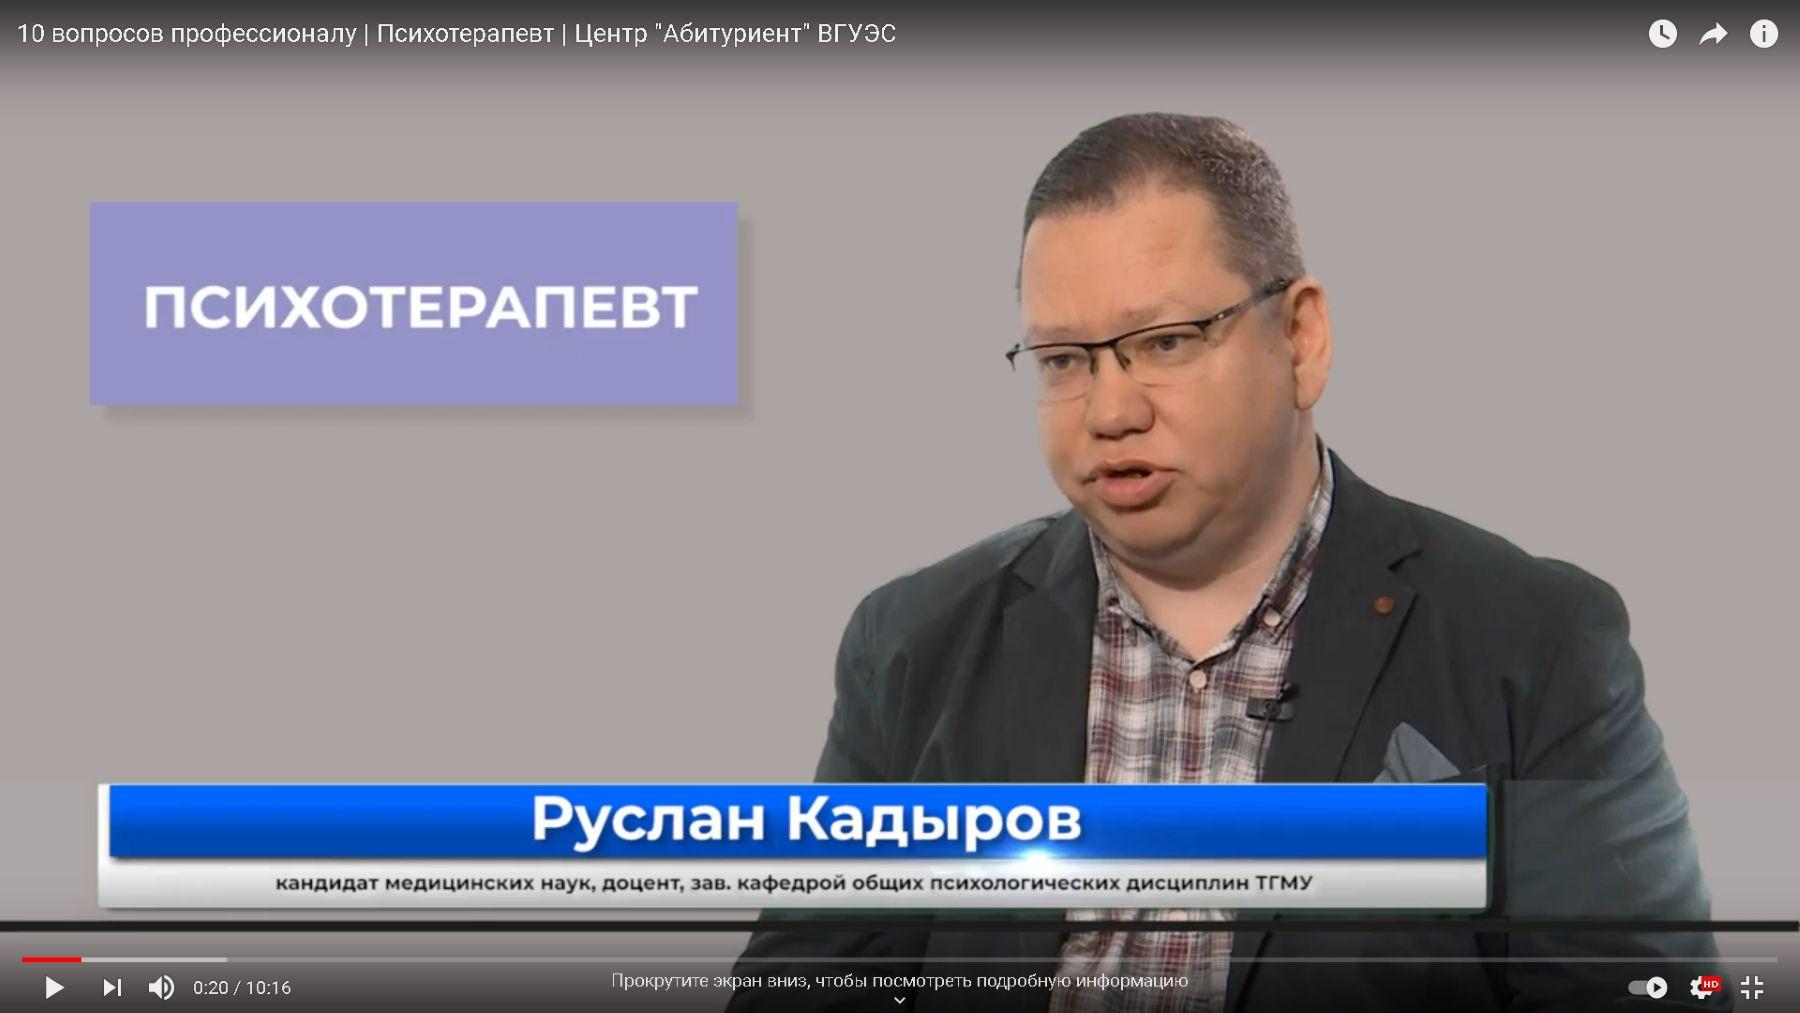 300,000 рублей в месяц — не предел, — практикующий психотерапевт Руслан Кадыров отвечает на вопросы абитуриентов ВГУЭС